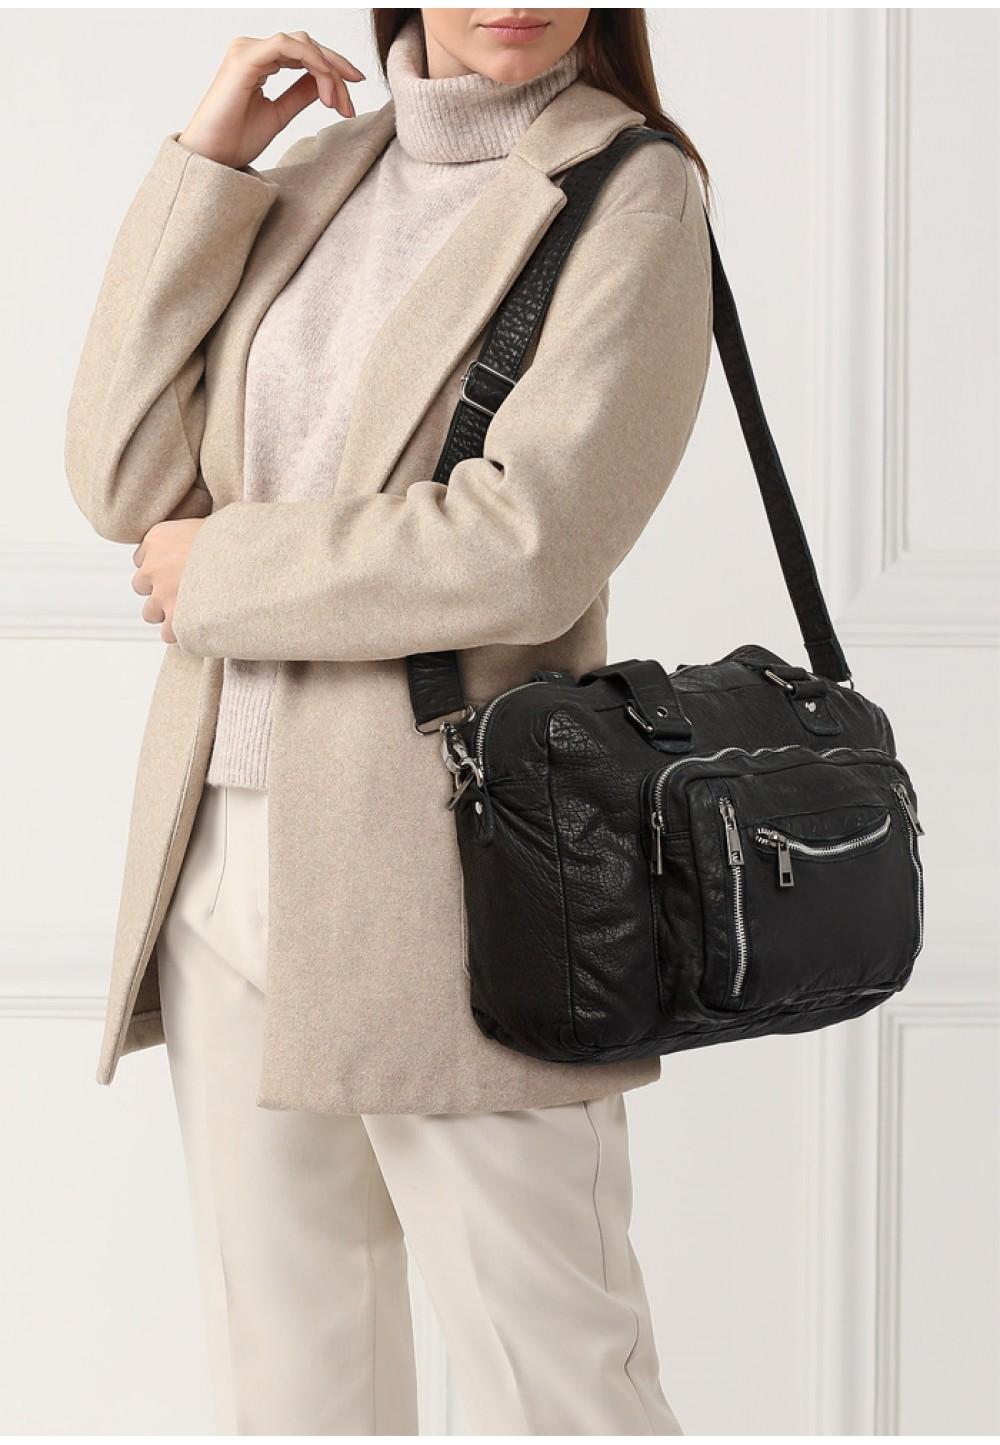 Универсальная женская сумка Mille washed